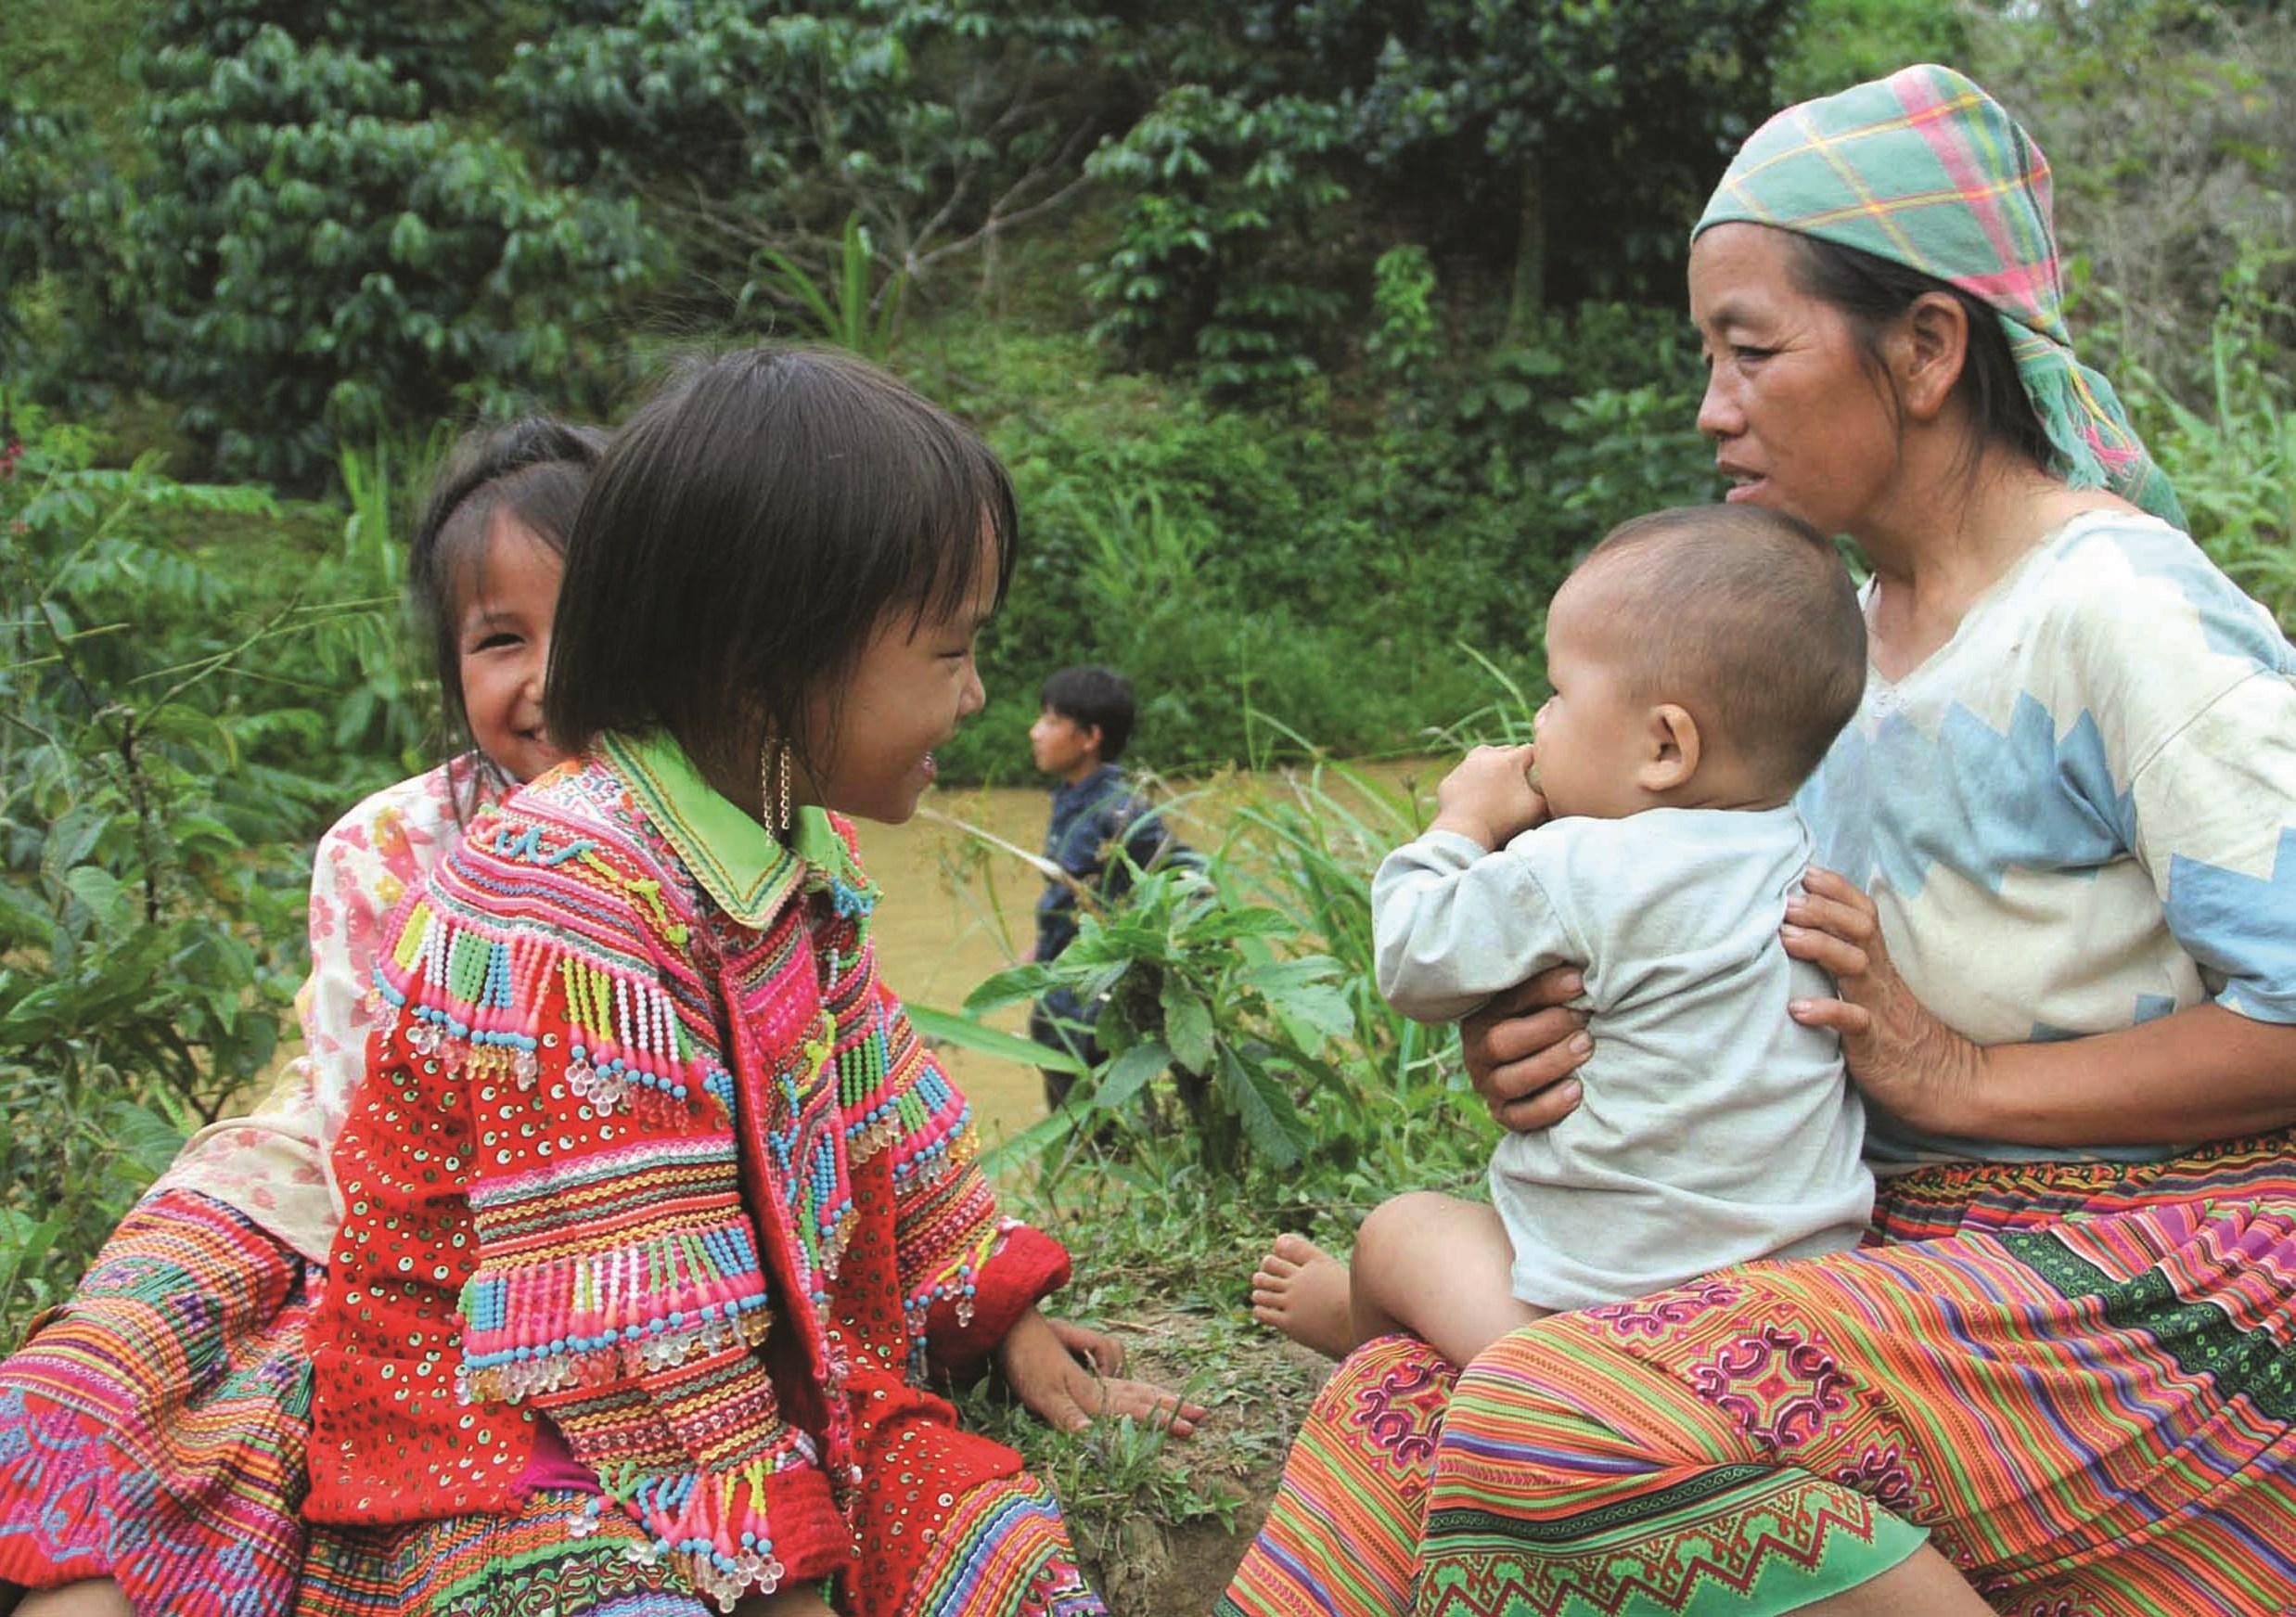 Mẹ và con người Mông trên quê mới ĐamRông, LâmĐồng.